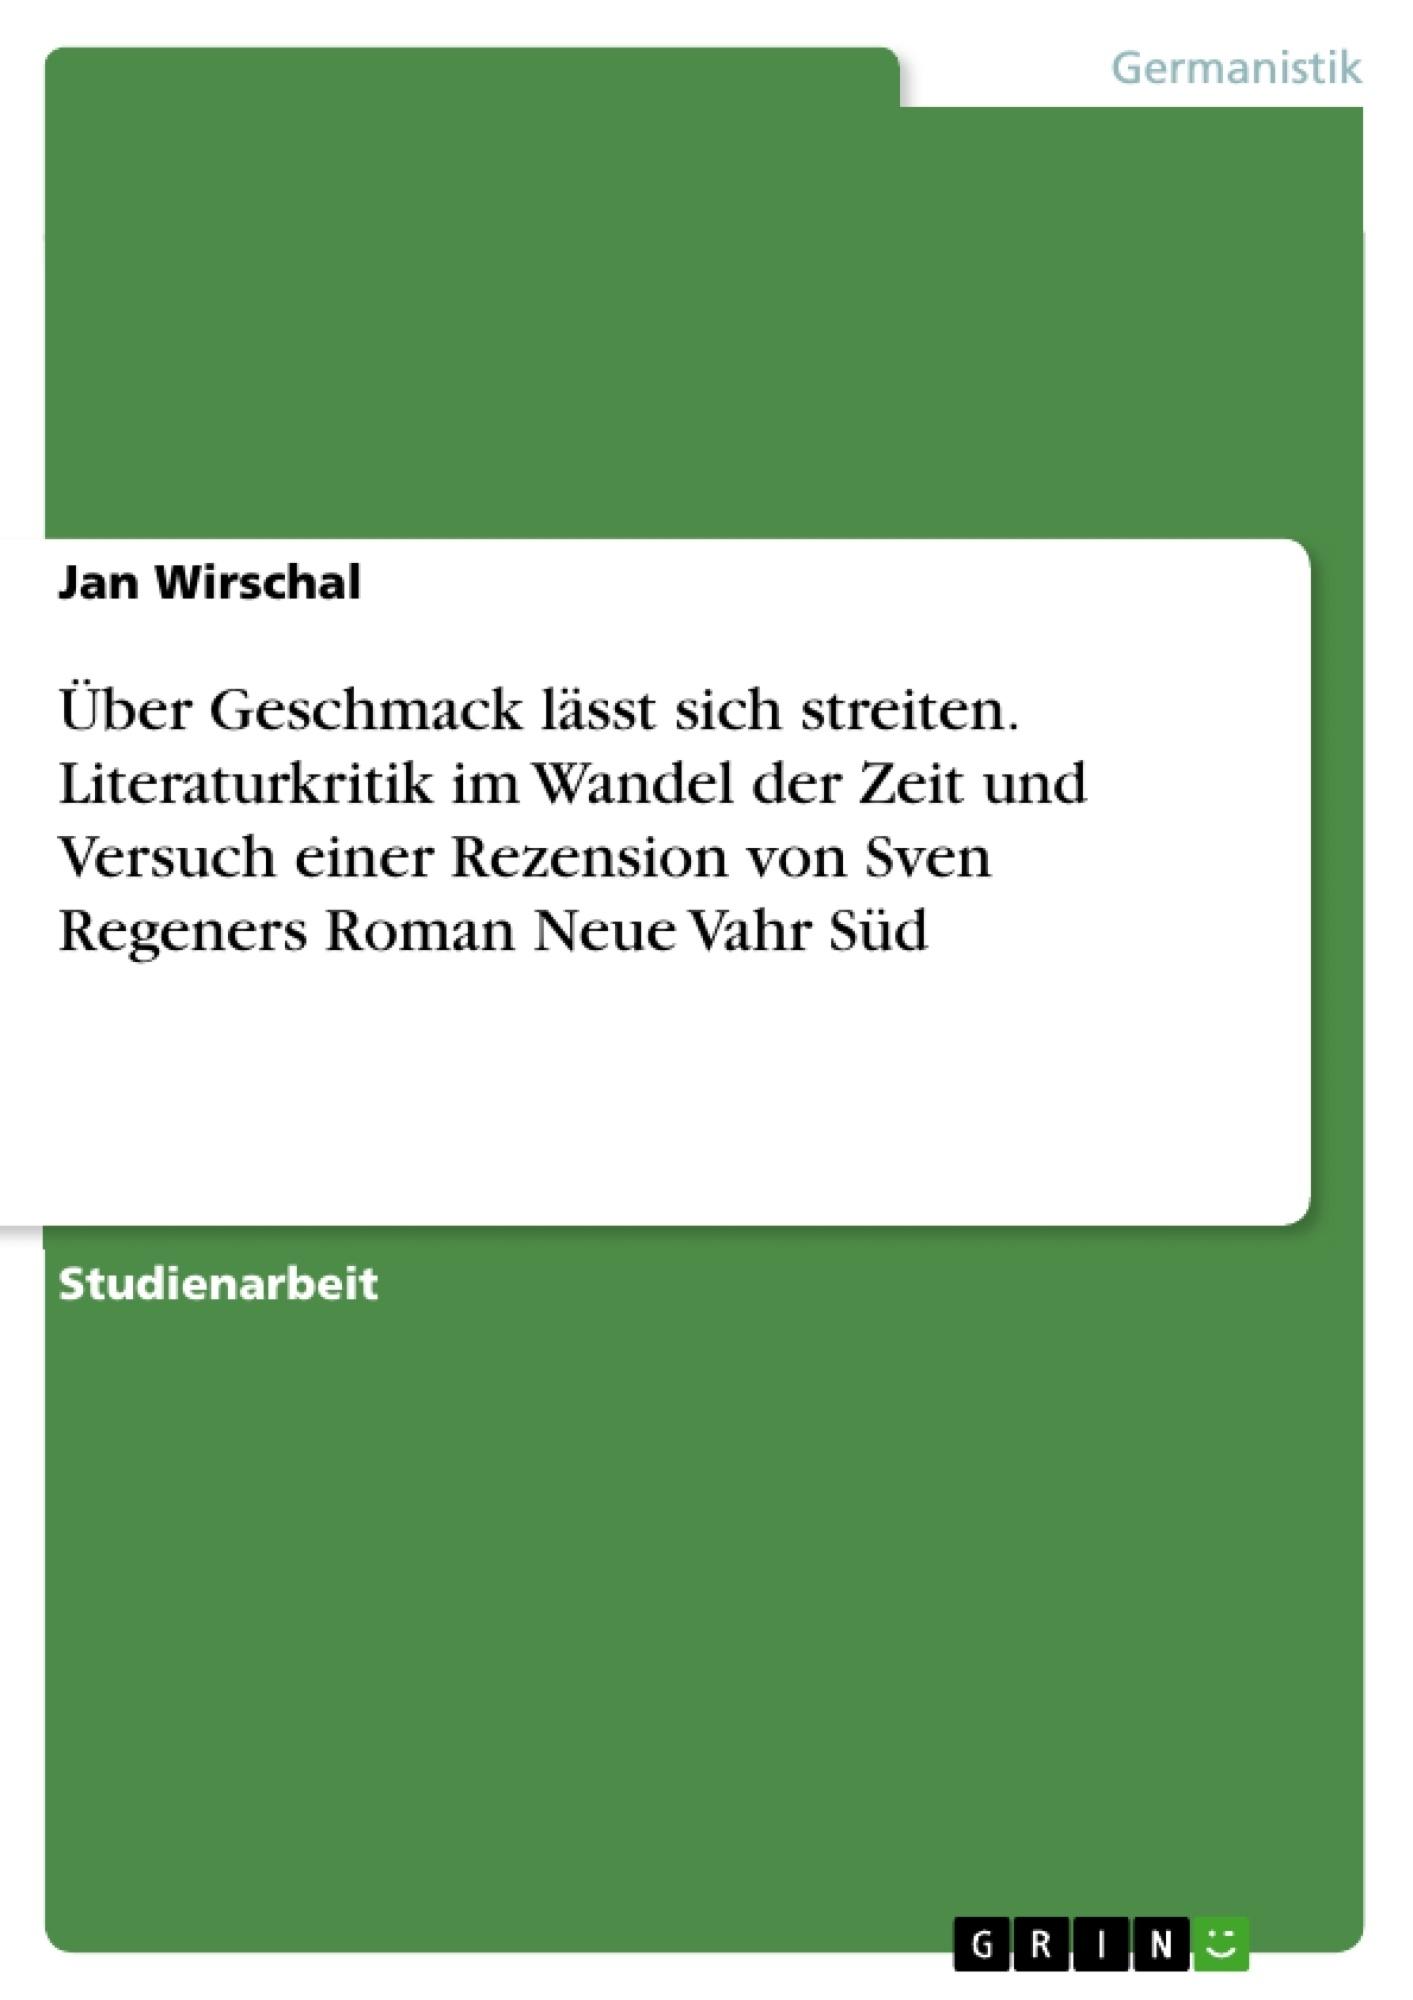 Titel: Über Geschmack lässt sich streiten. Literaturkritik im Wandel der Zeit und Versuch einer Rezension von Sven Regeners Roman Neue Vahr Süd